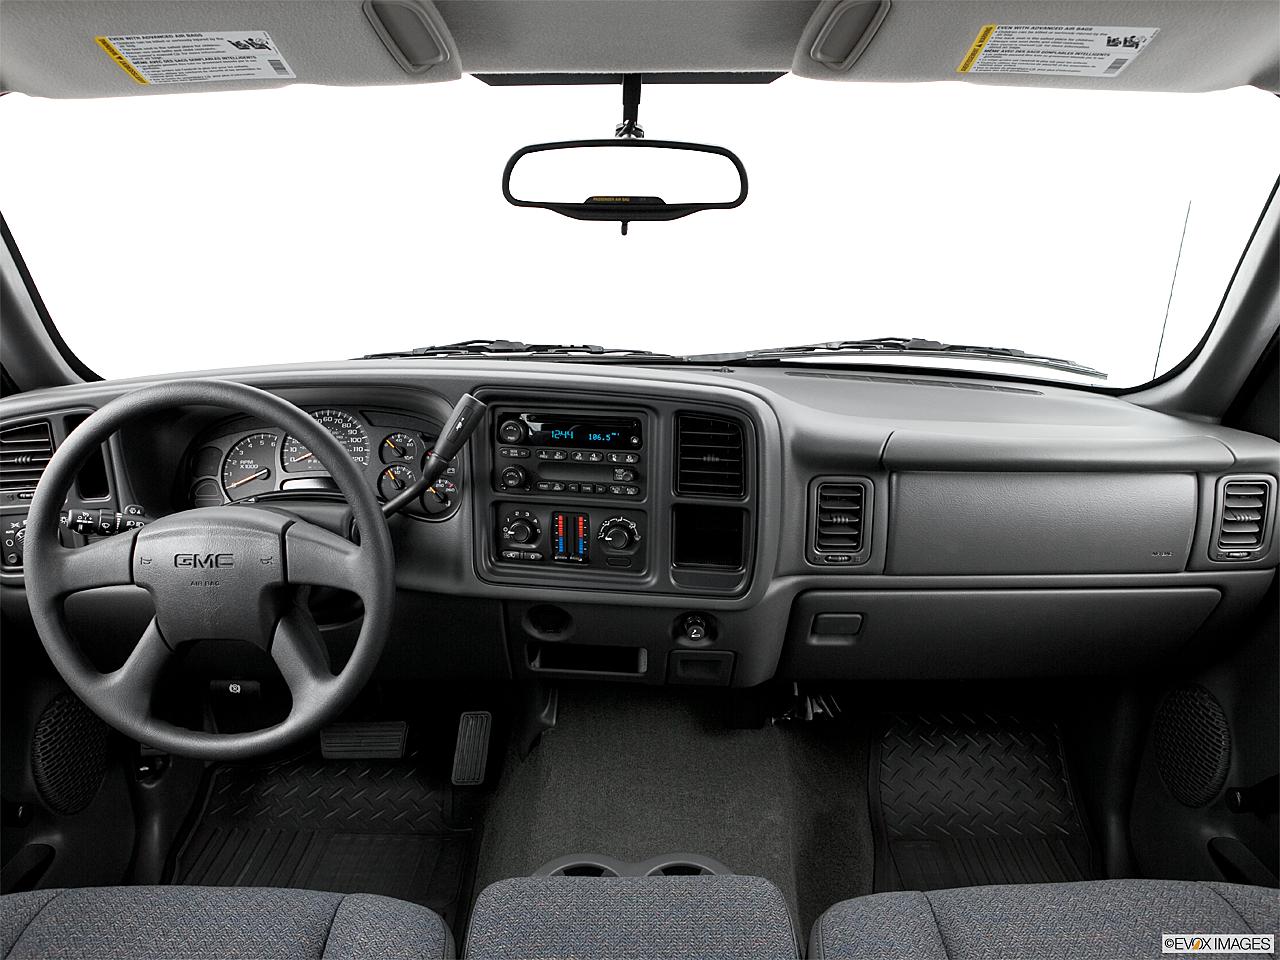 hight resolution of 2006 gmc sierra 1500 sl centered wide dash shot